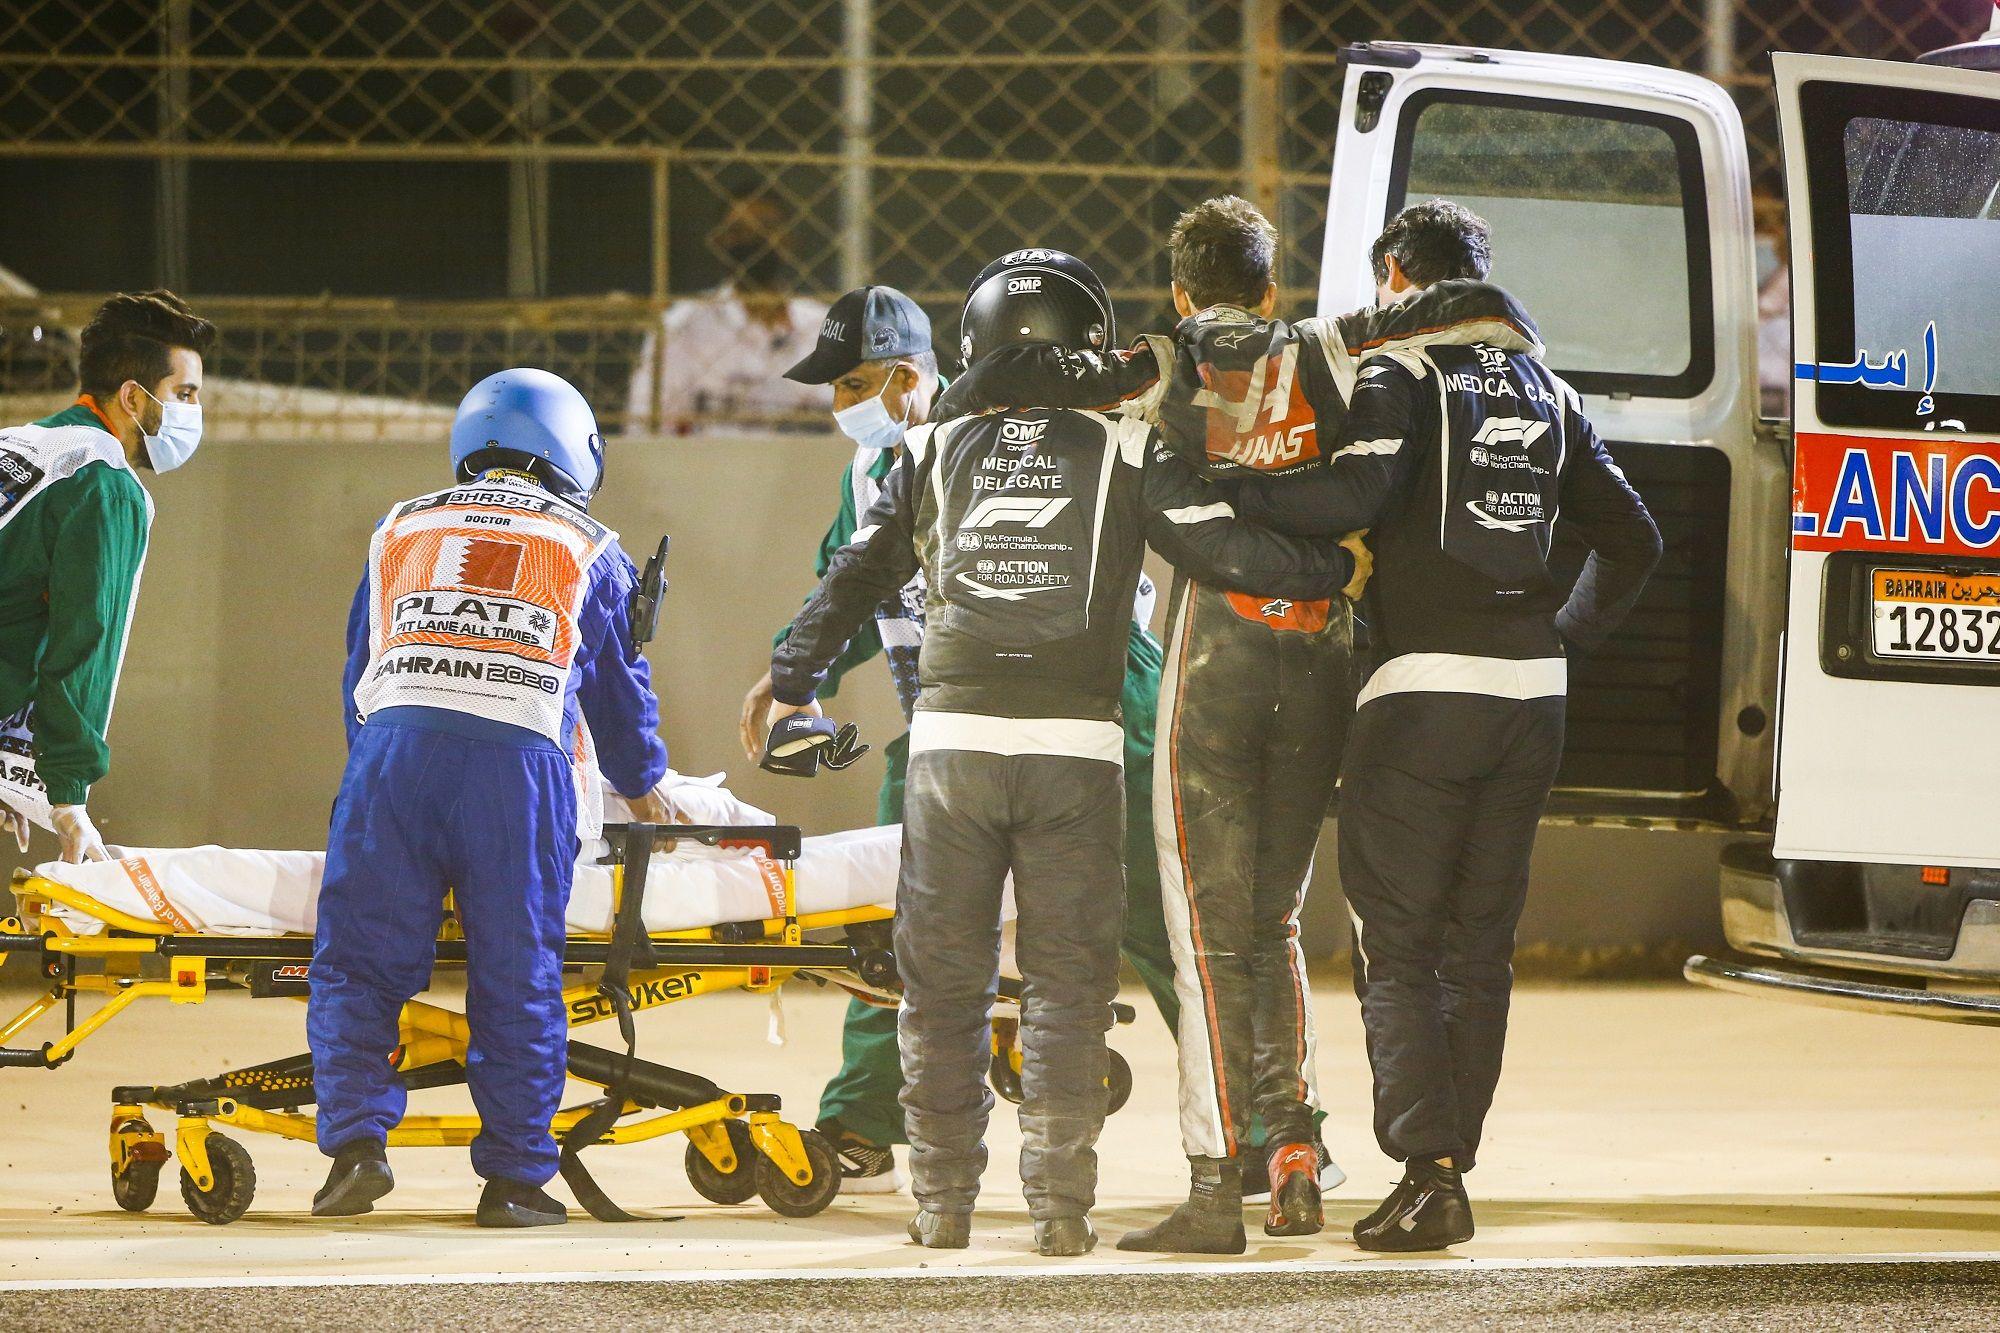 FIA, Romain Grosjean, F1